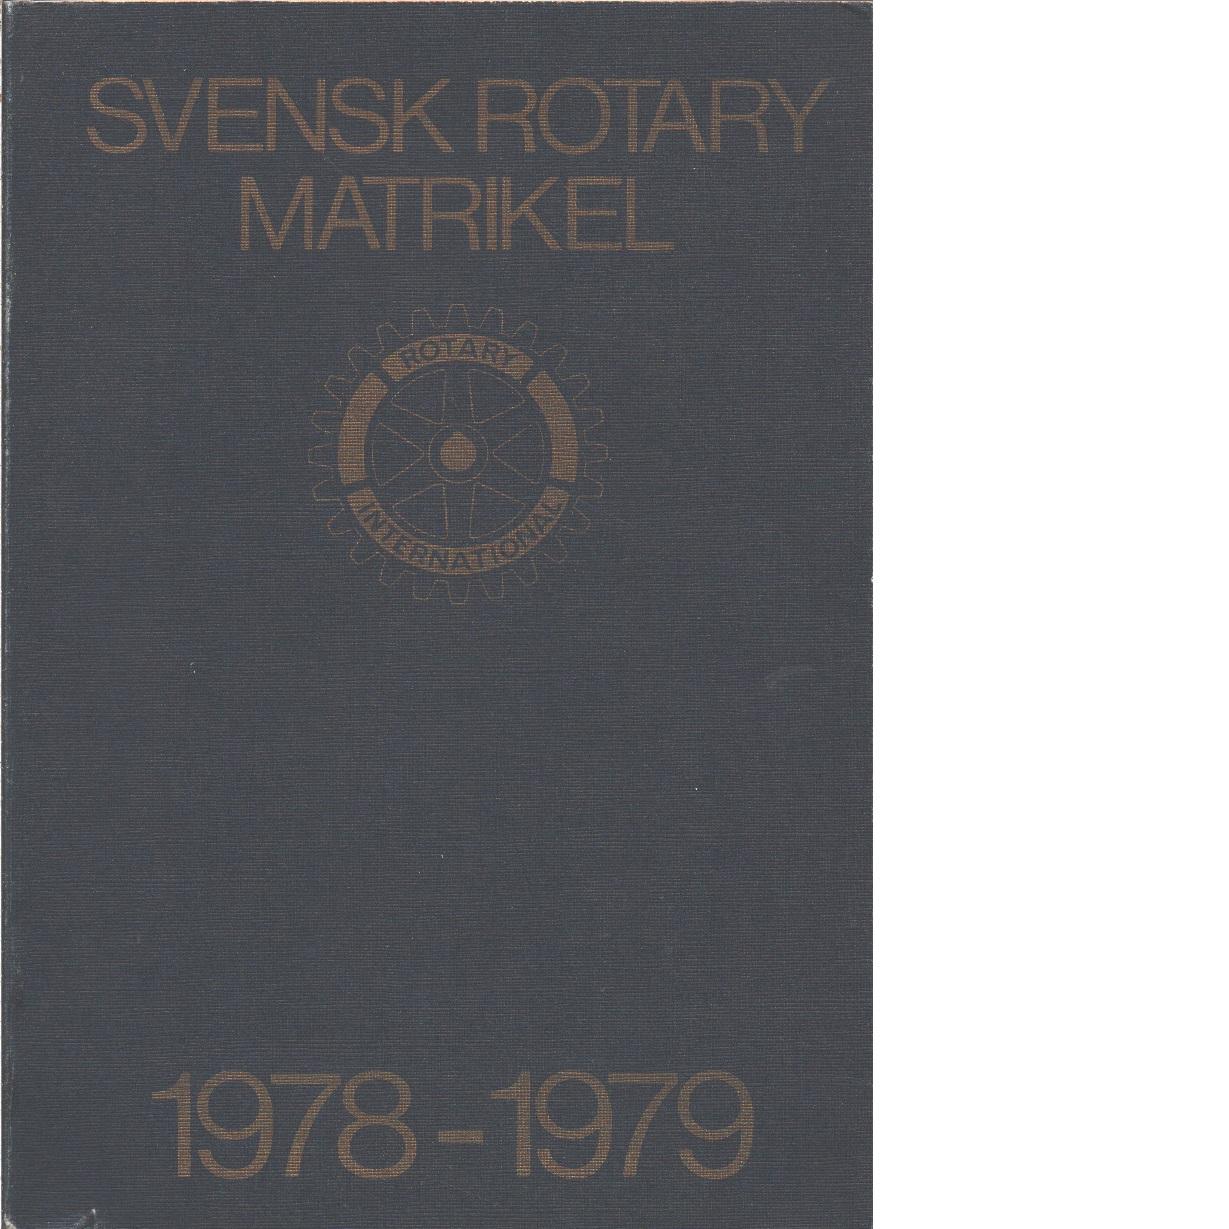 Svensk Rotary matrikel 1978-1979 : distrikten 232, 233, 234, 235, 236, 237, 238, 239, av rotary international  - Red.